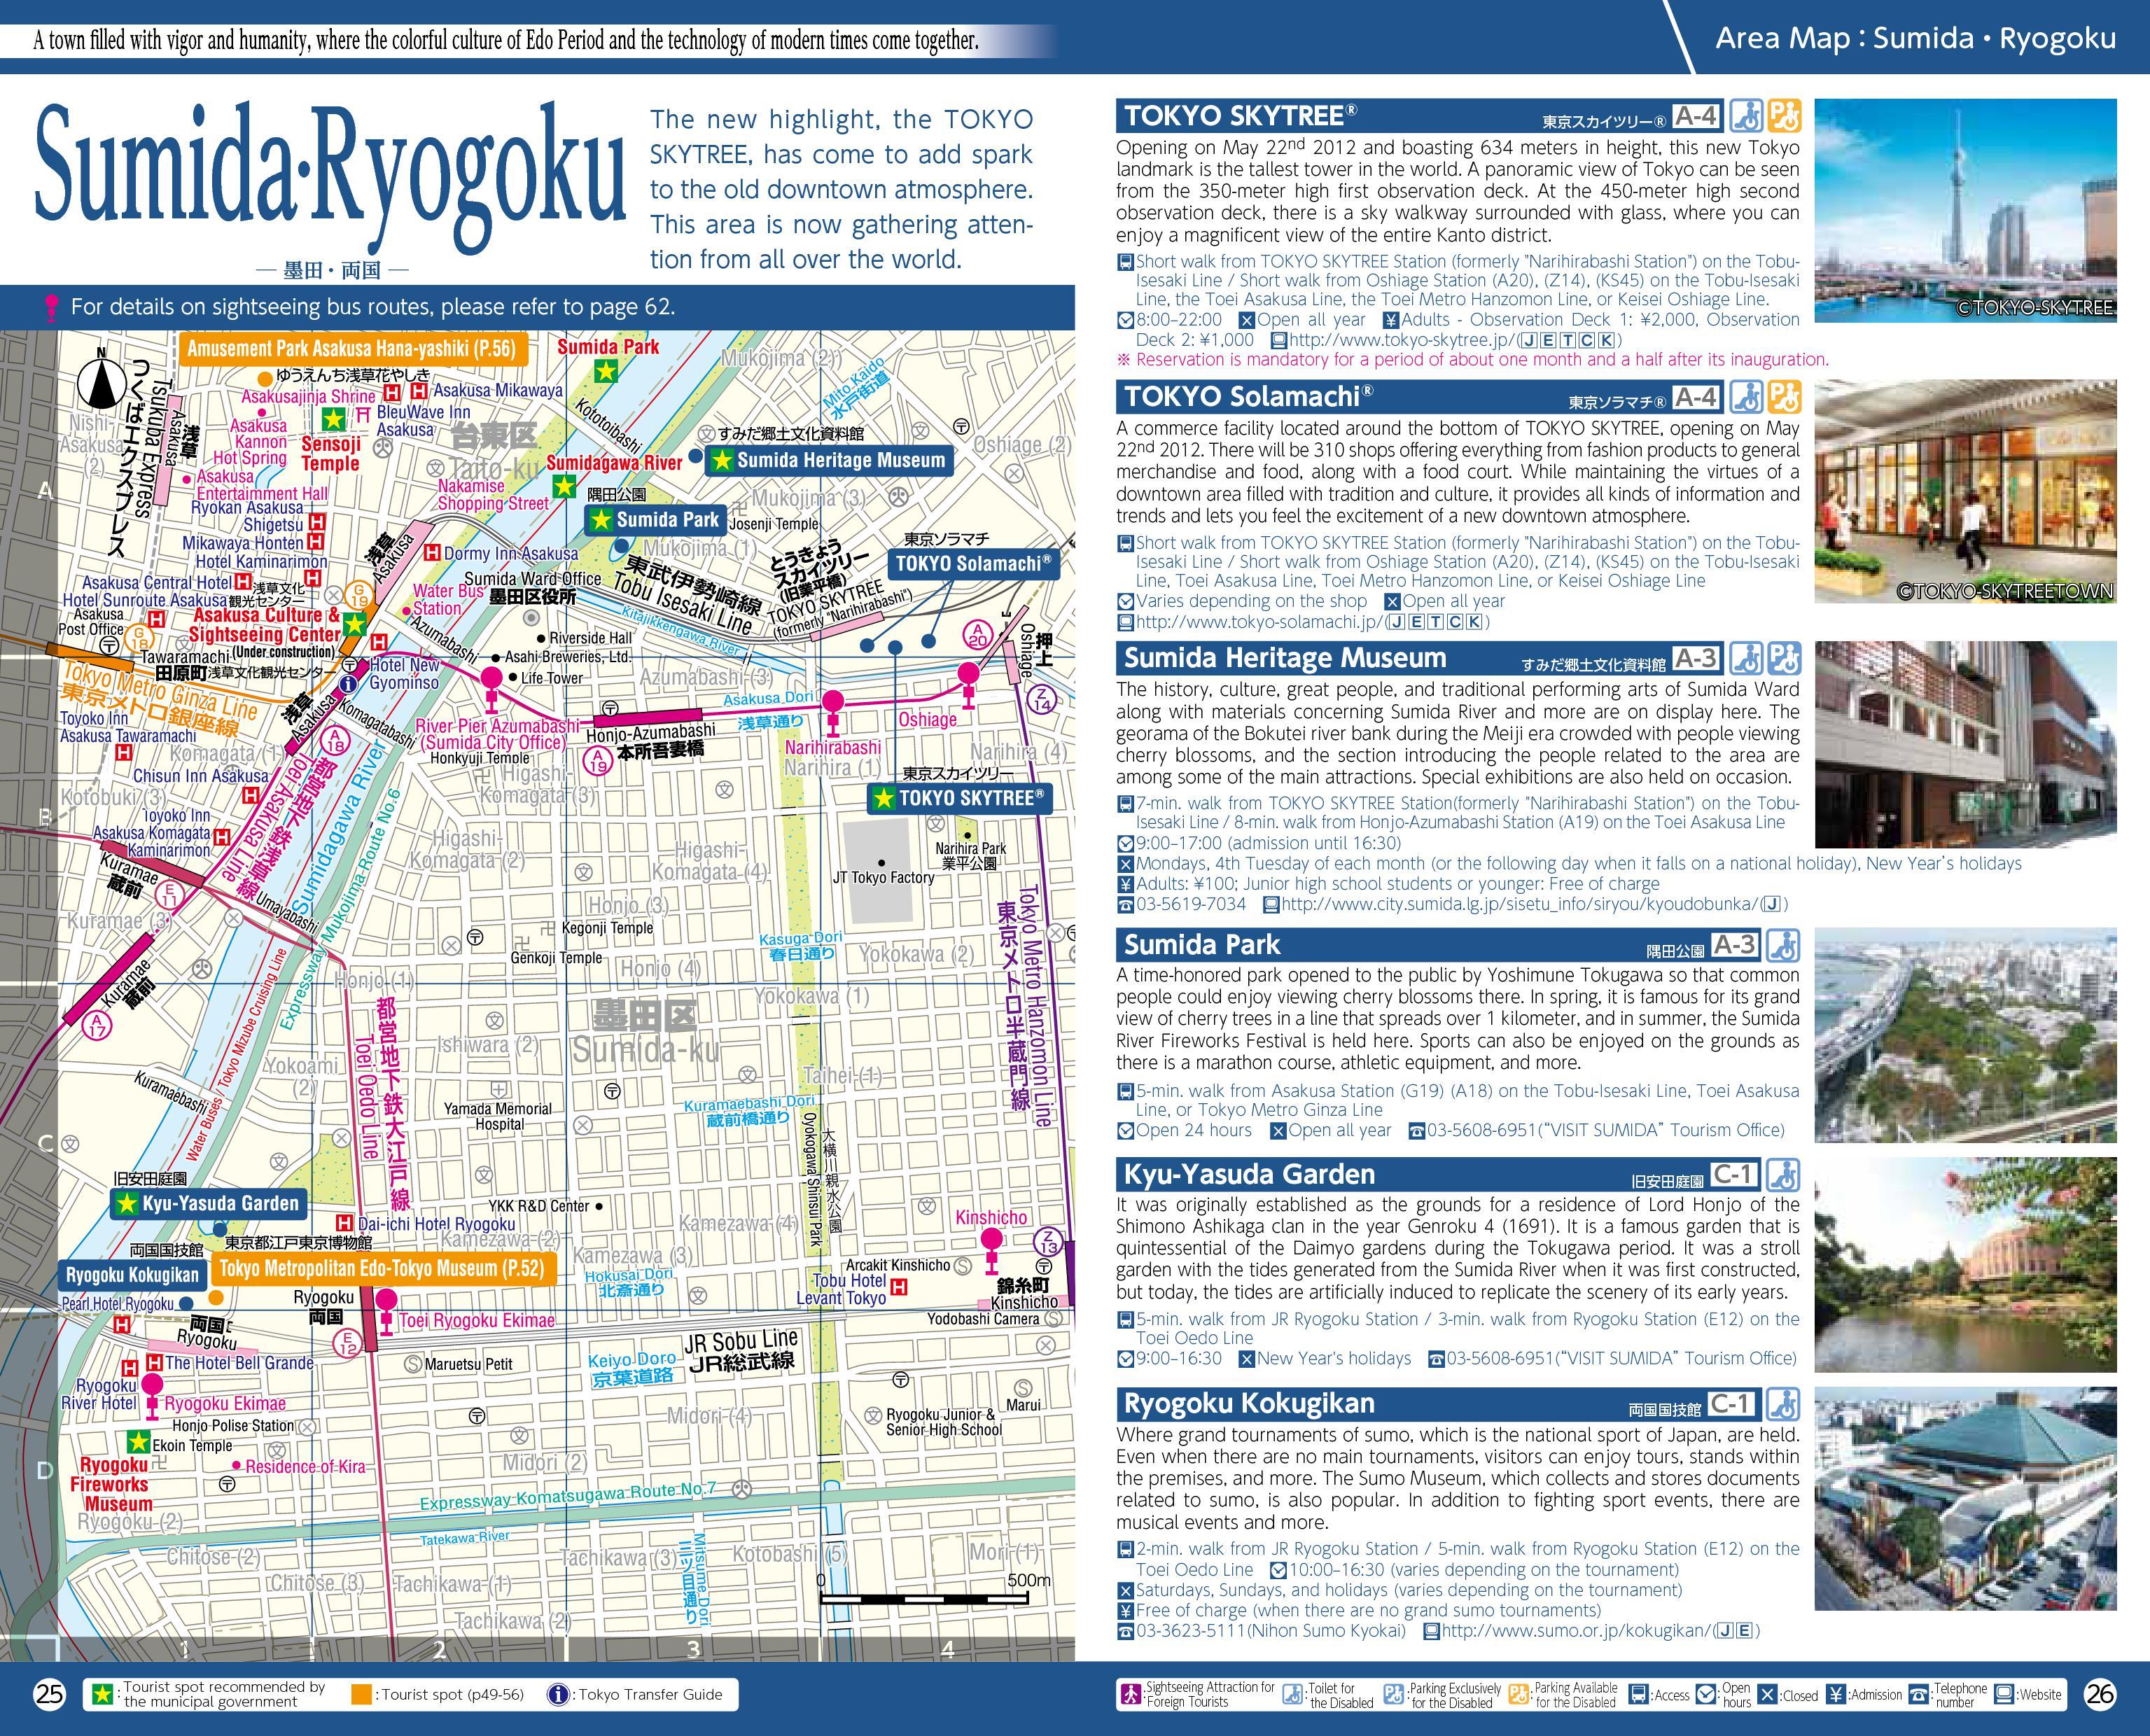 1R Apartment - Ryogoku - Sumida-ku - Tokyo - Japan - For Rent - Real ...